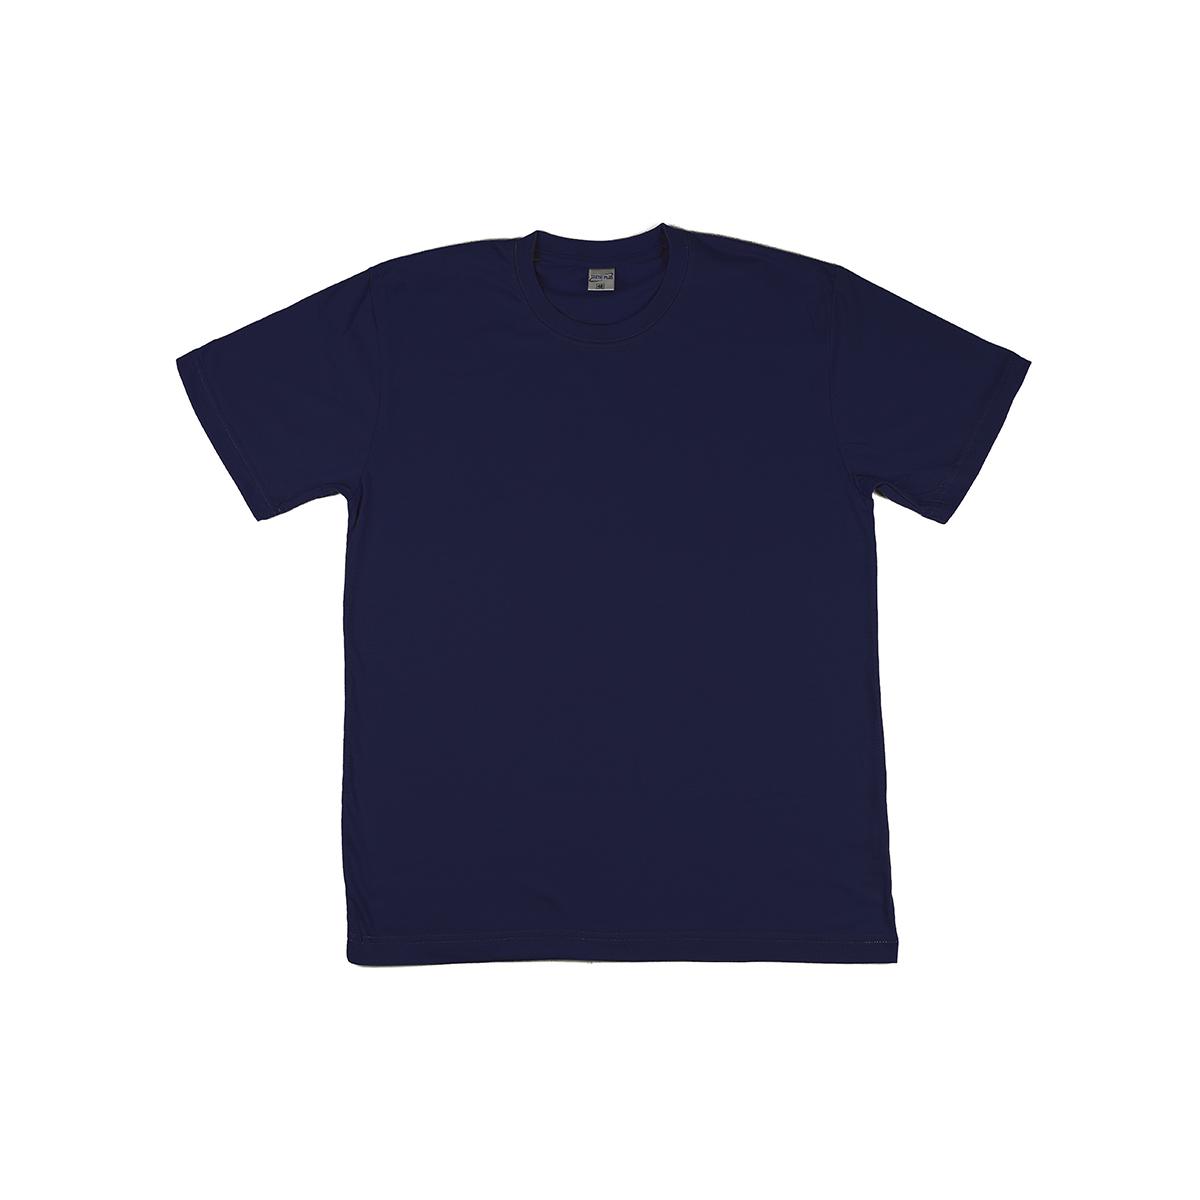 Мужская футболка Simple, цвет Серый, размер 48Футболки и майки<br><br><br>Тип: Муж. футболка<br>Размер: 48<br>Материал: Кулирка